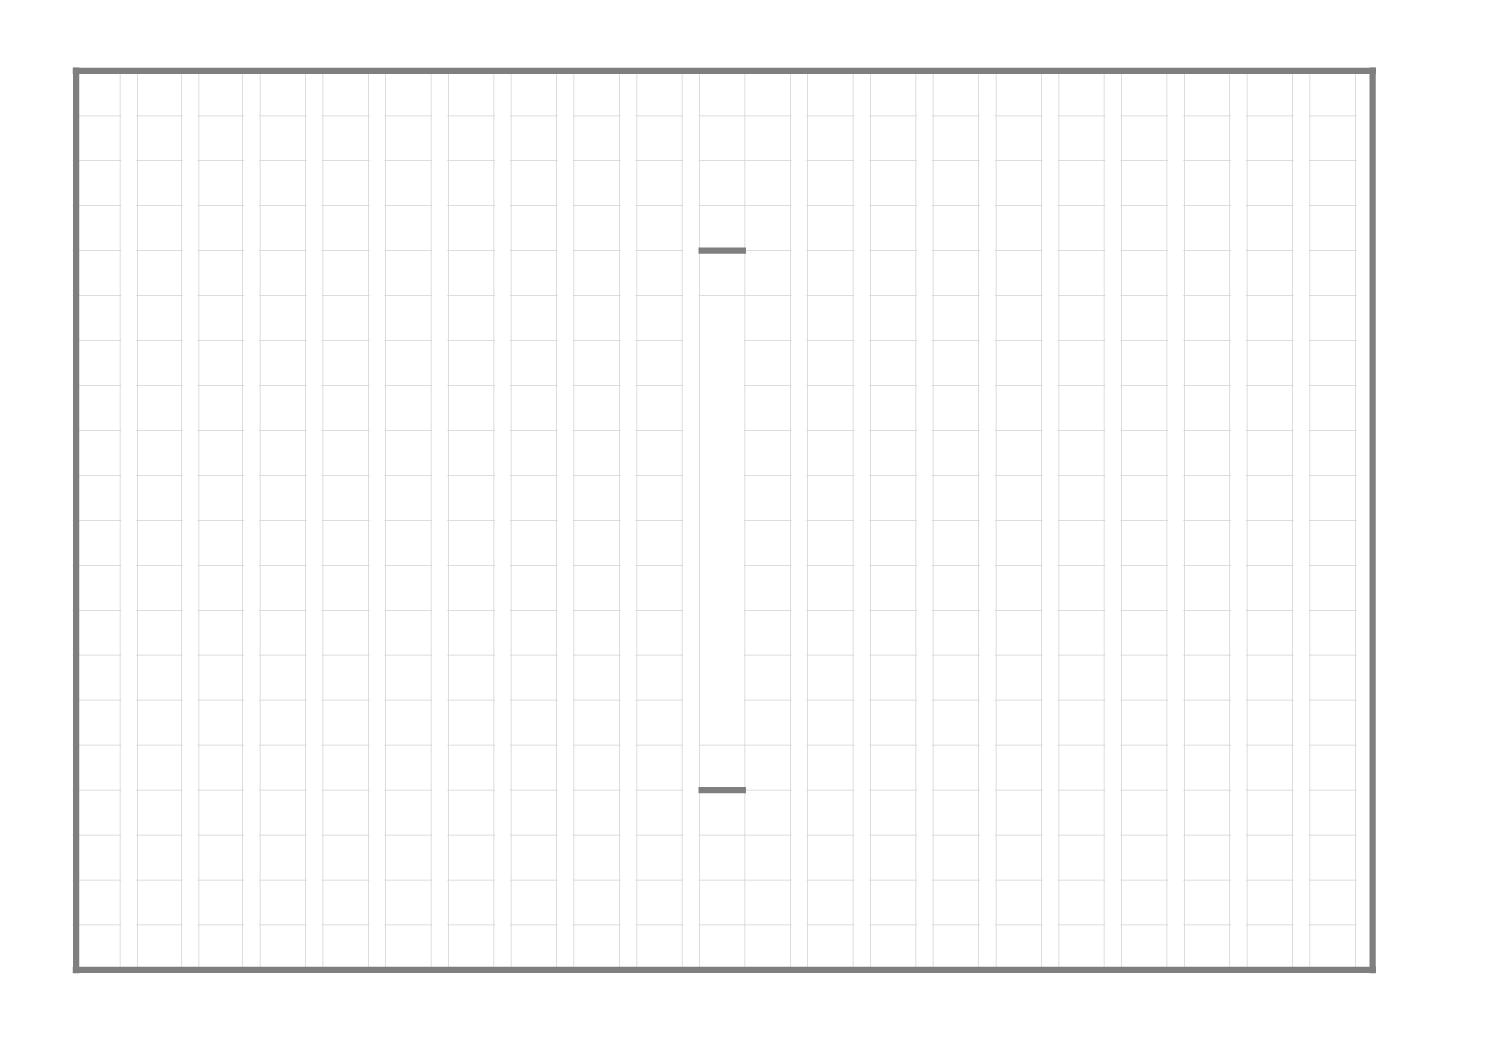 原稿用紙(作文用紙)のテンプレート(エクセル・ナンバーズ)ベーシックグレーA4横